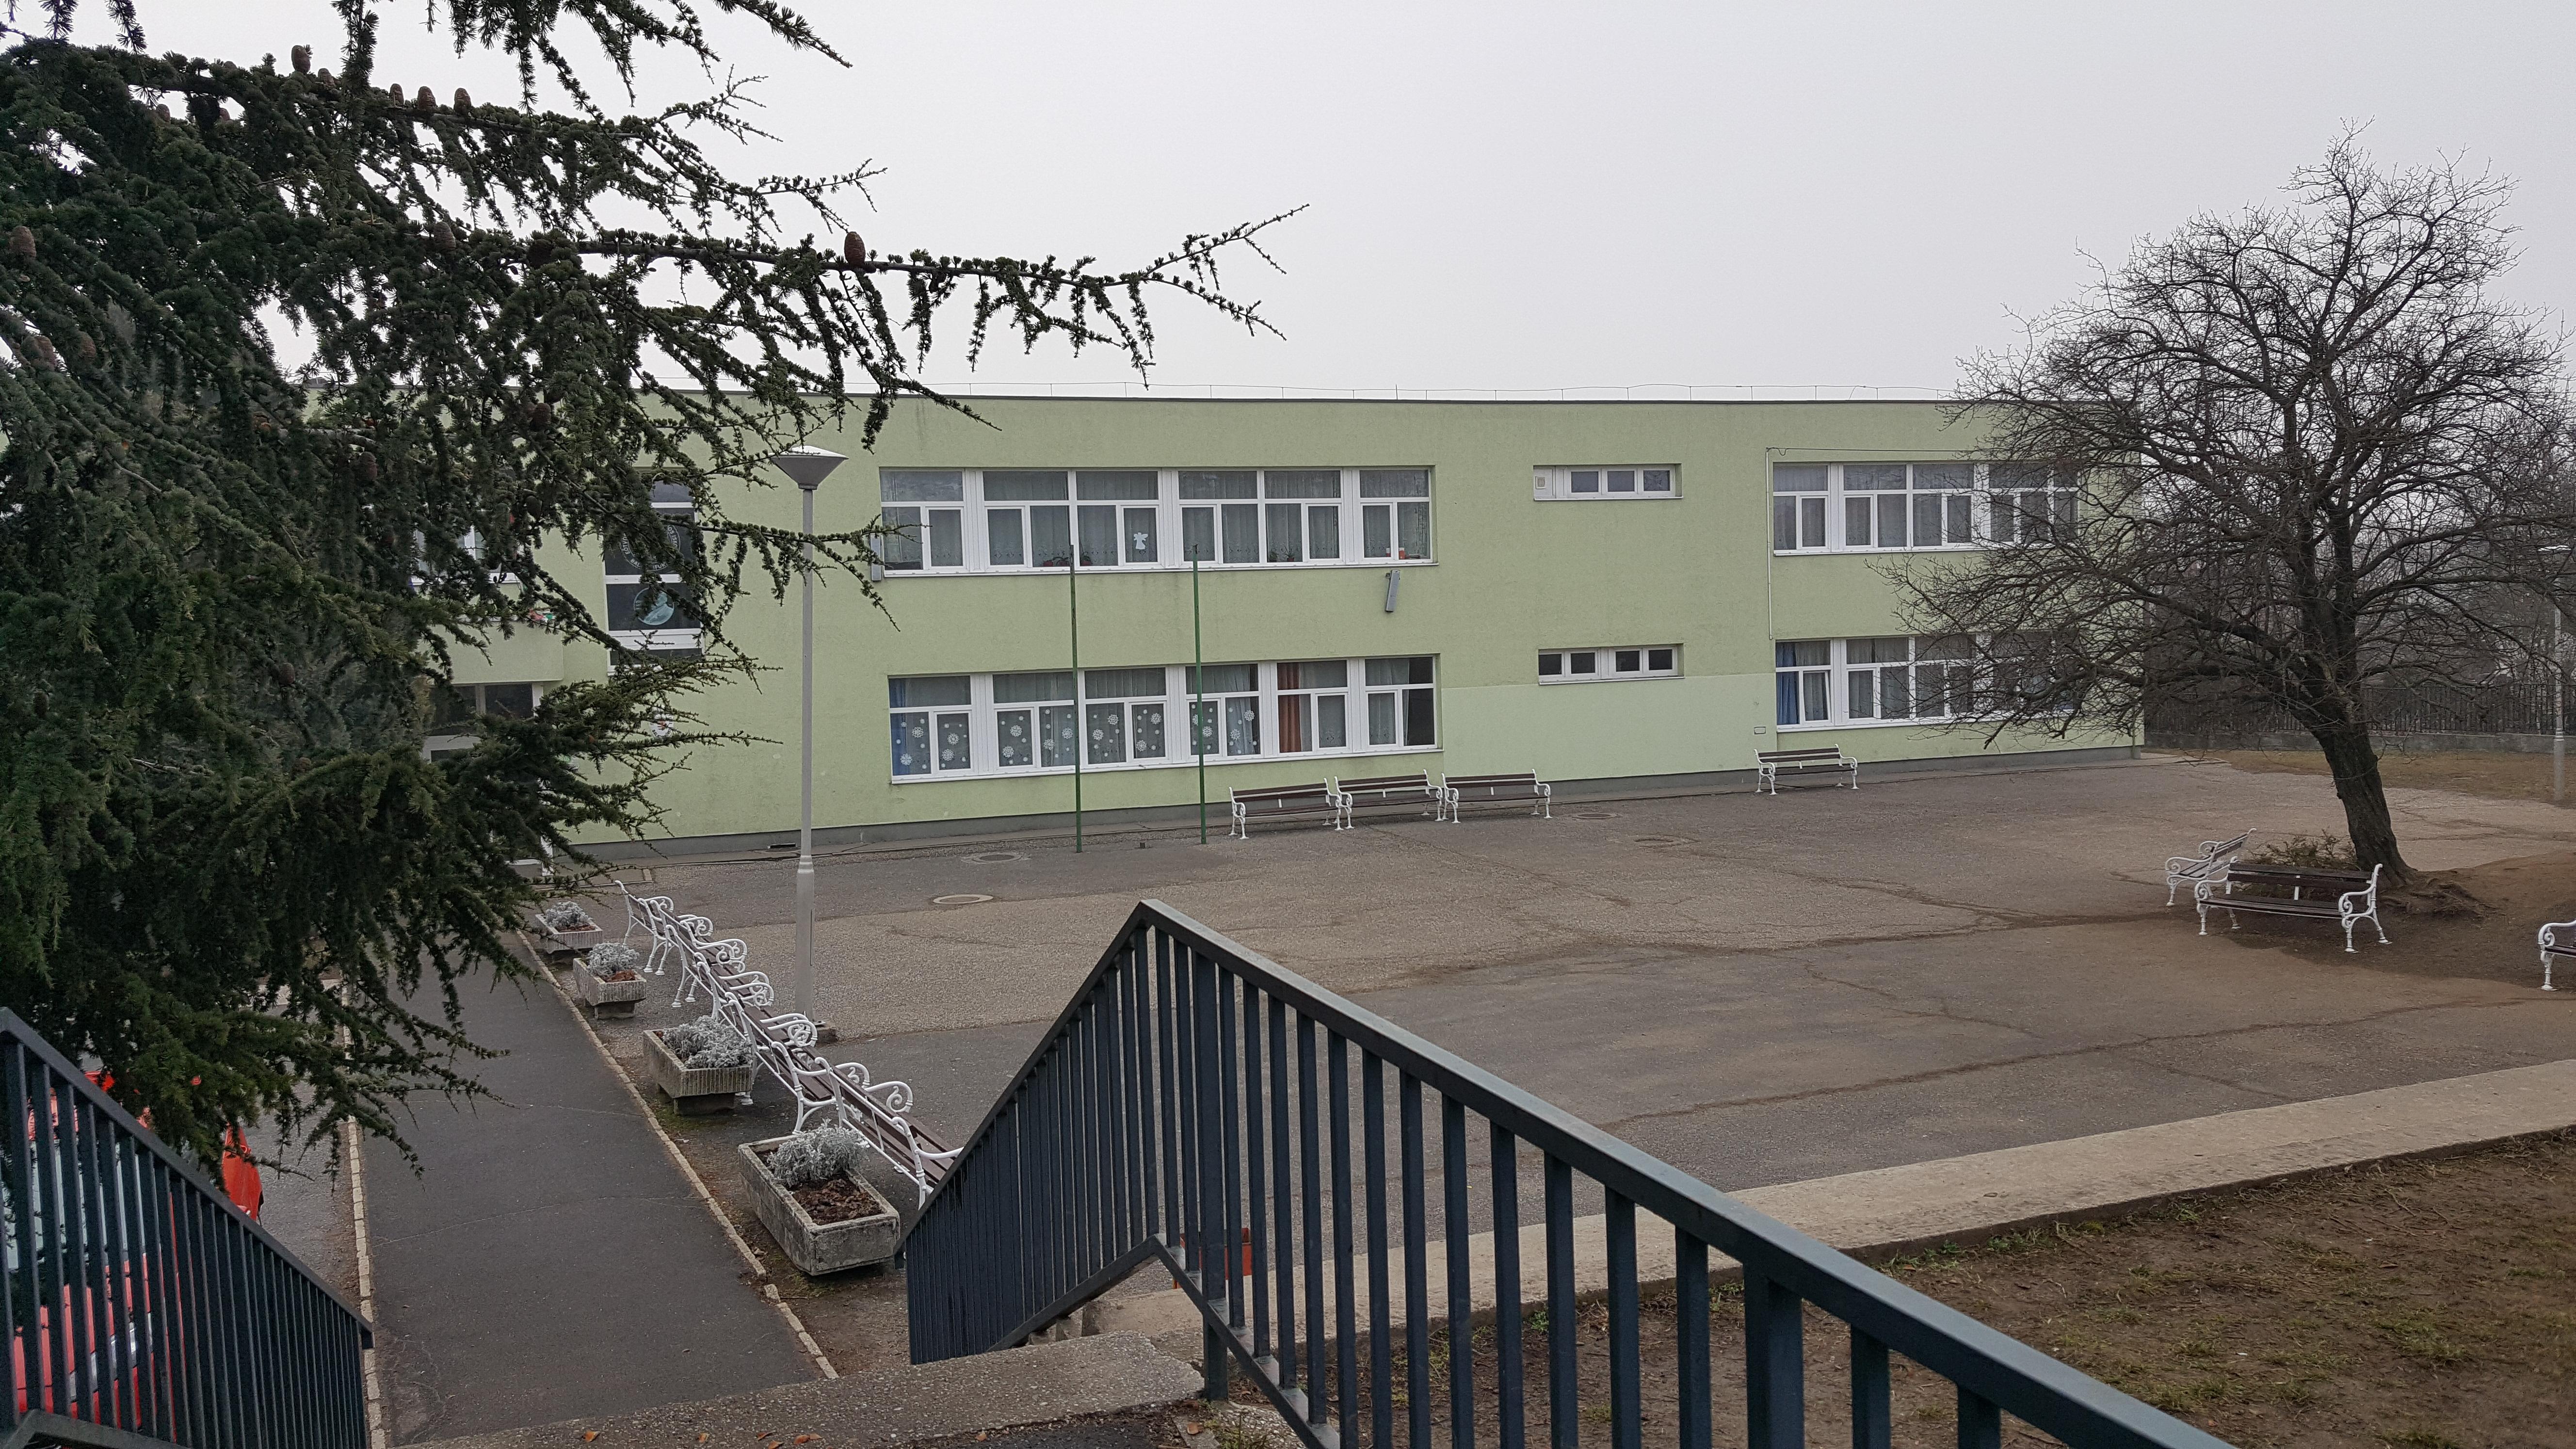 Szavaztak a balatonfüredi szülők: nem adják át a katolikusoknak az Eötvös iskolát